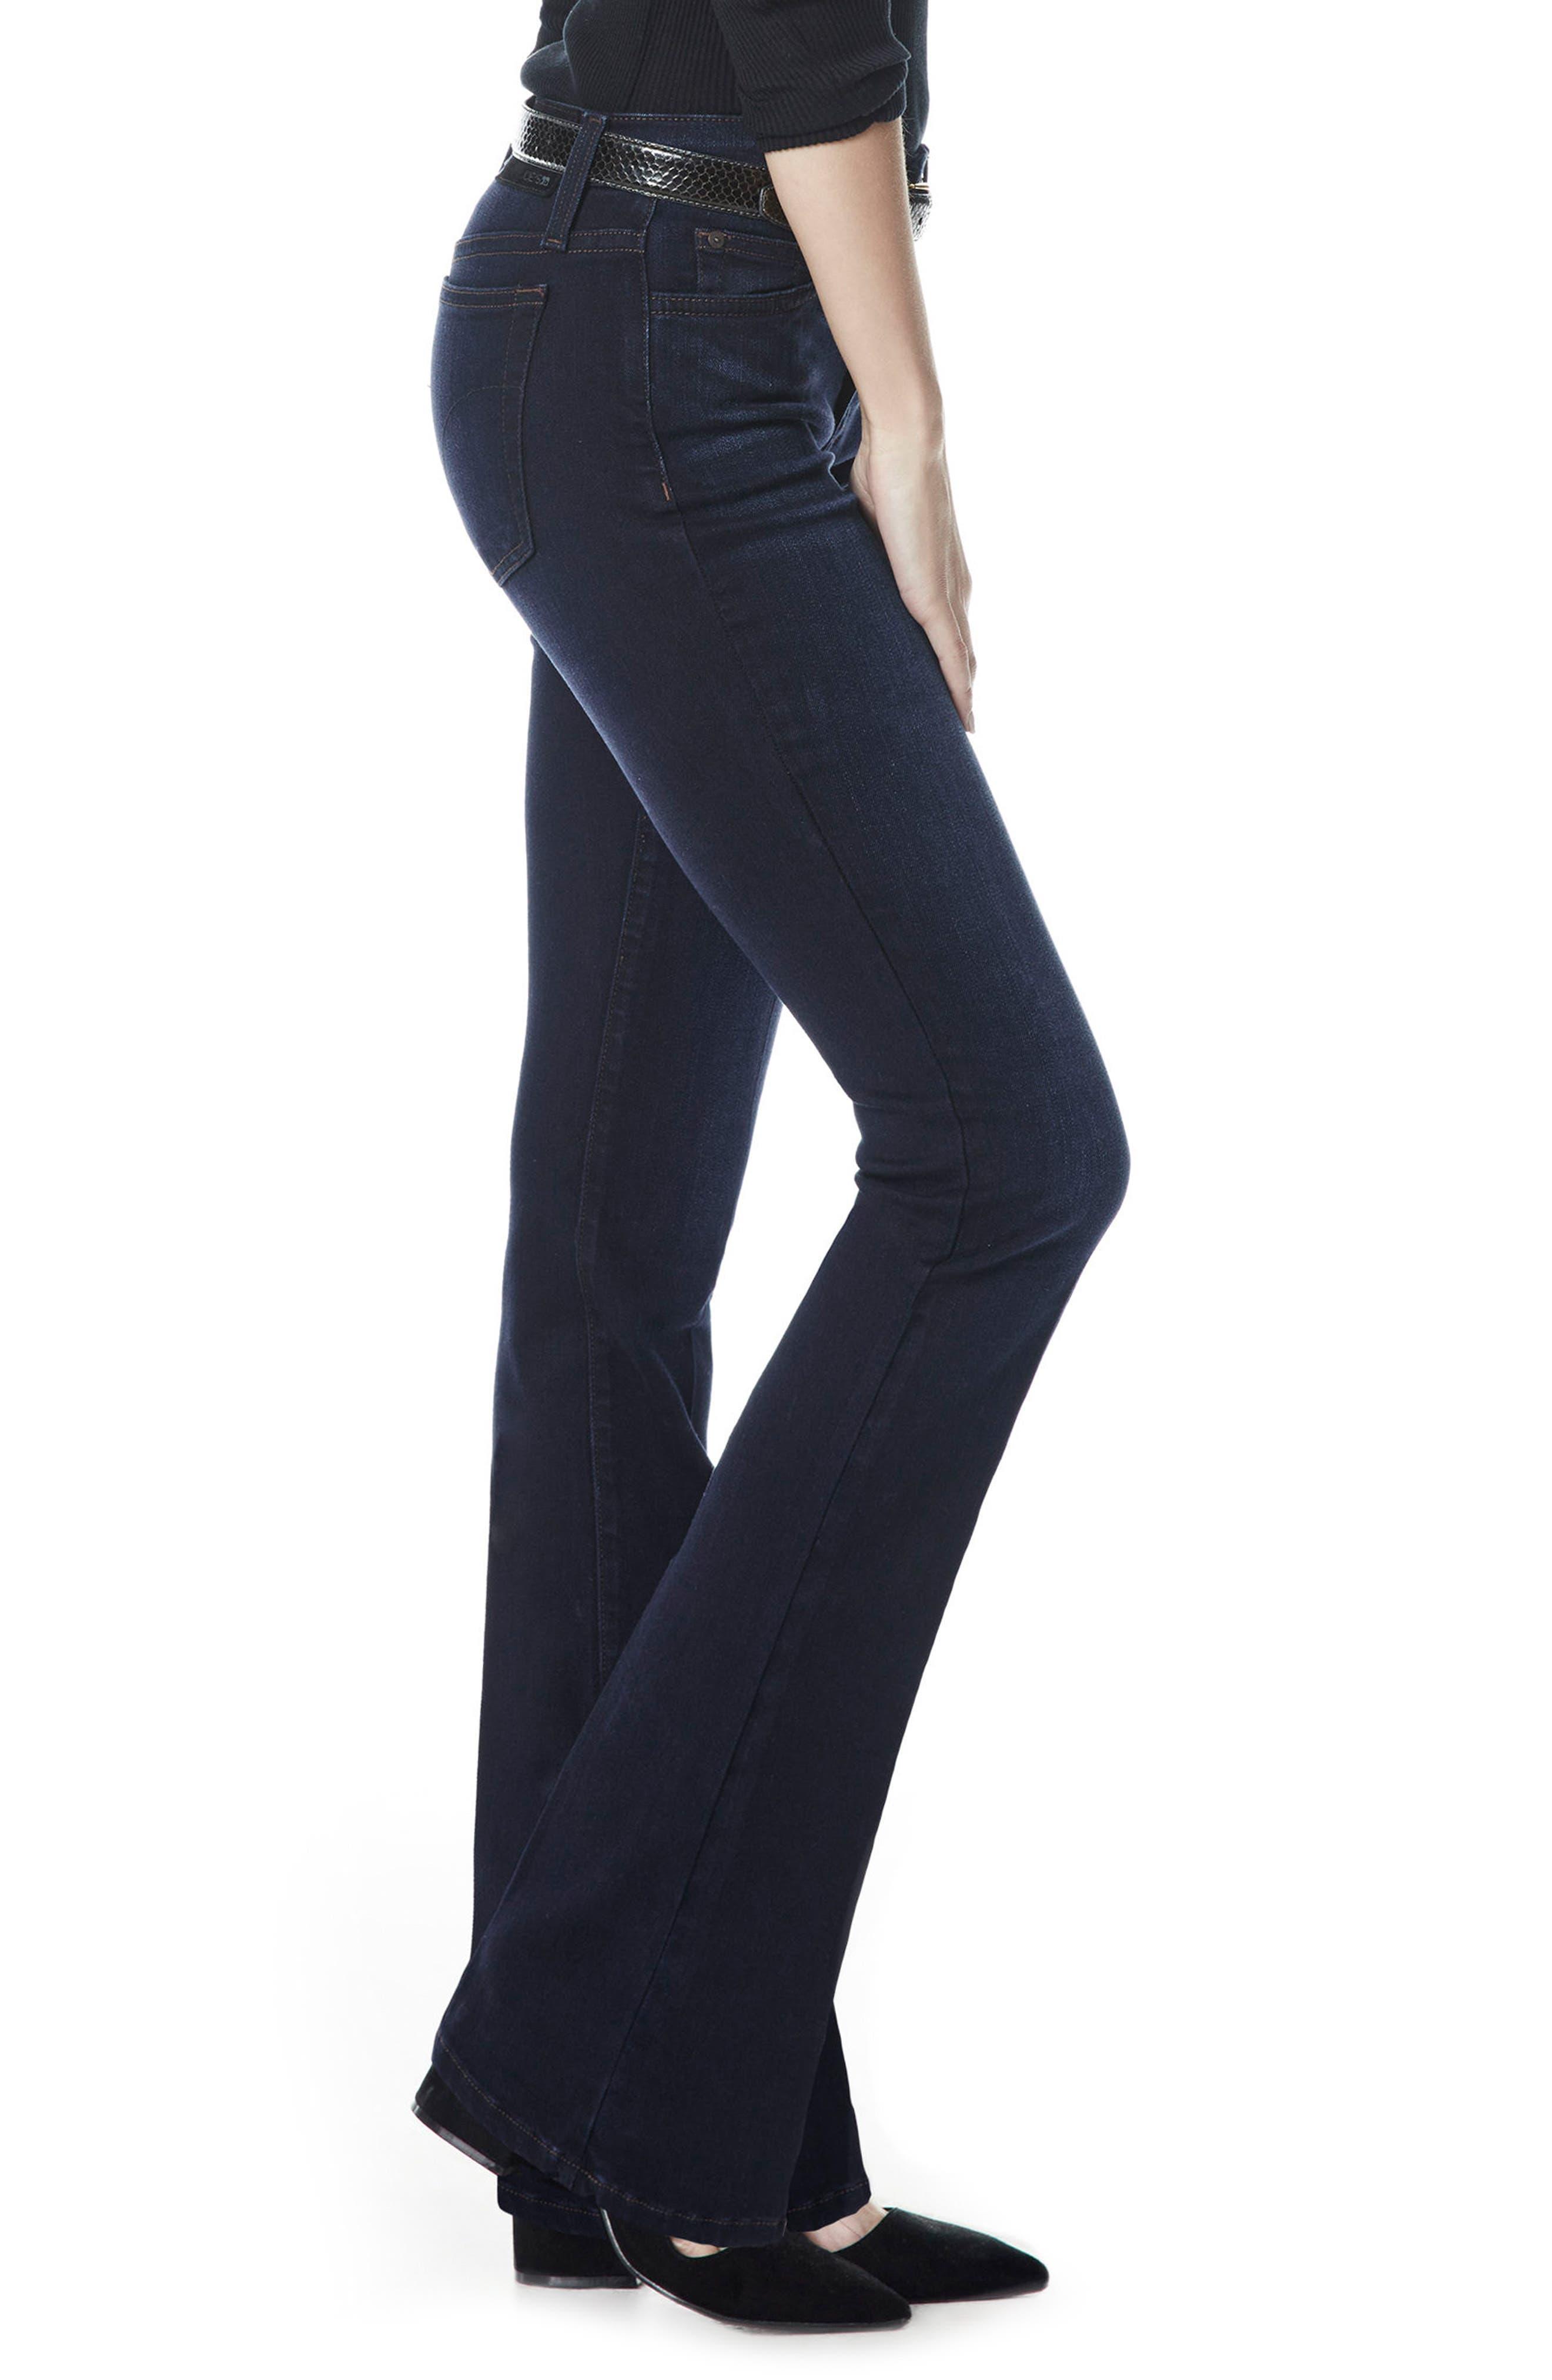 JOE'S,                             'Provocateur' Bootcut Jeans,                             Alternate thumbnail 3, color,                             400